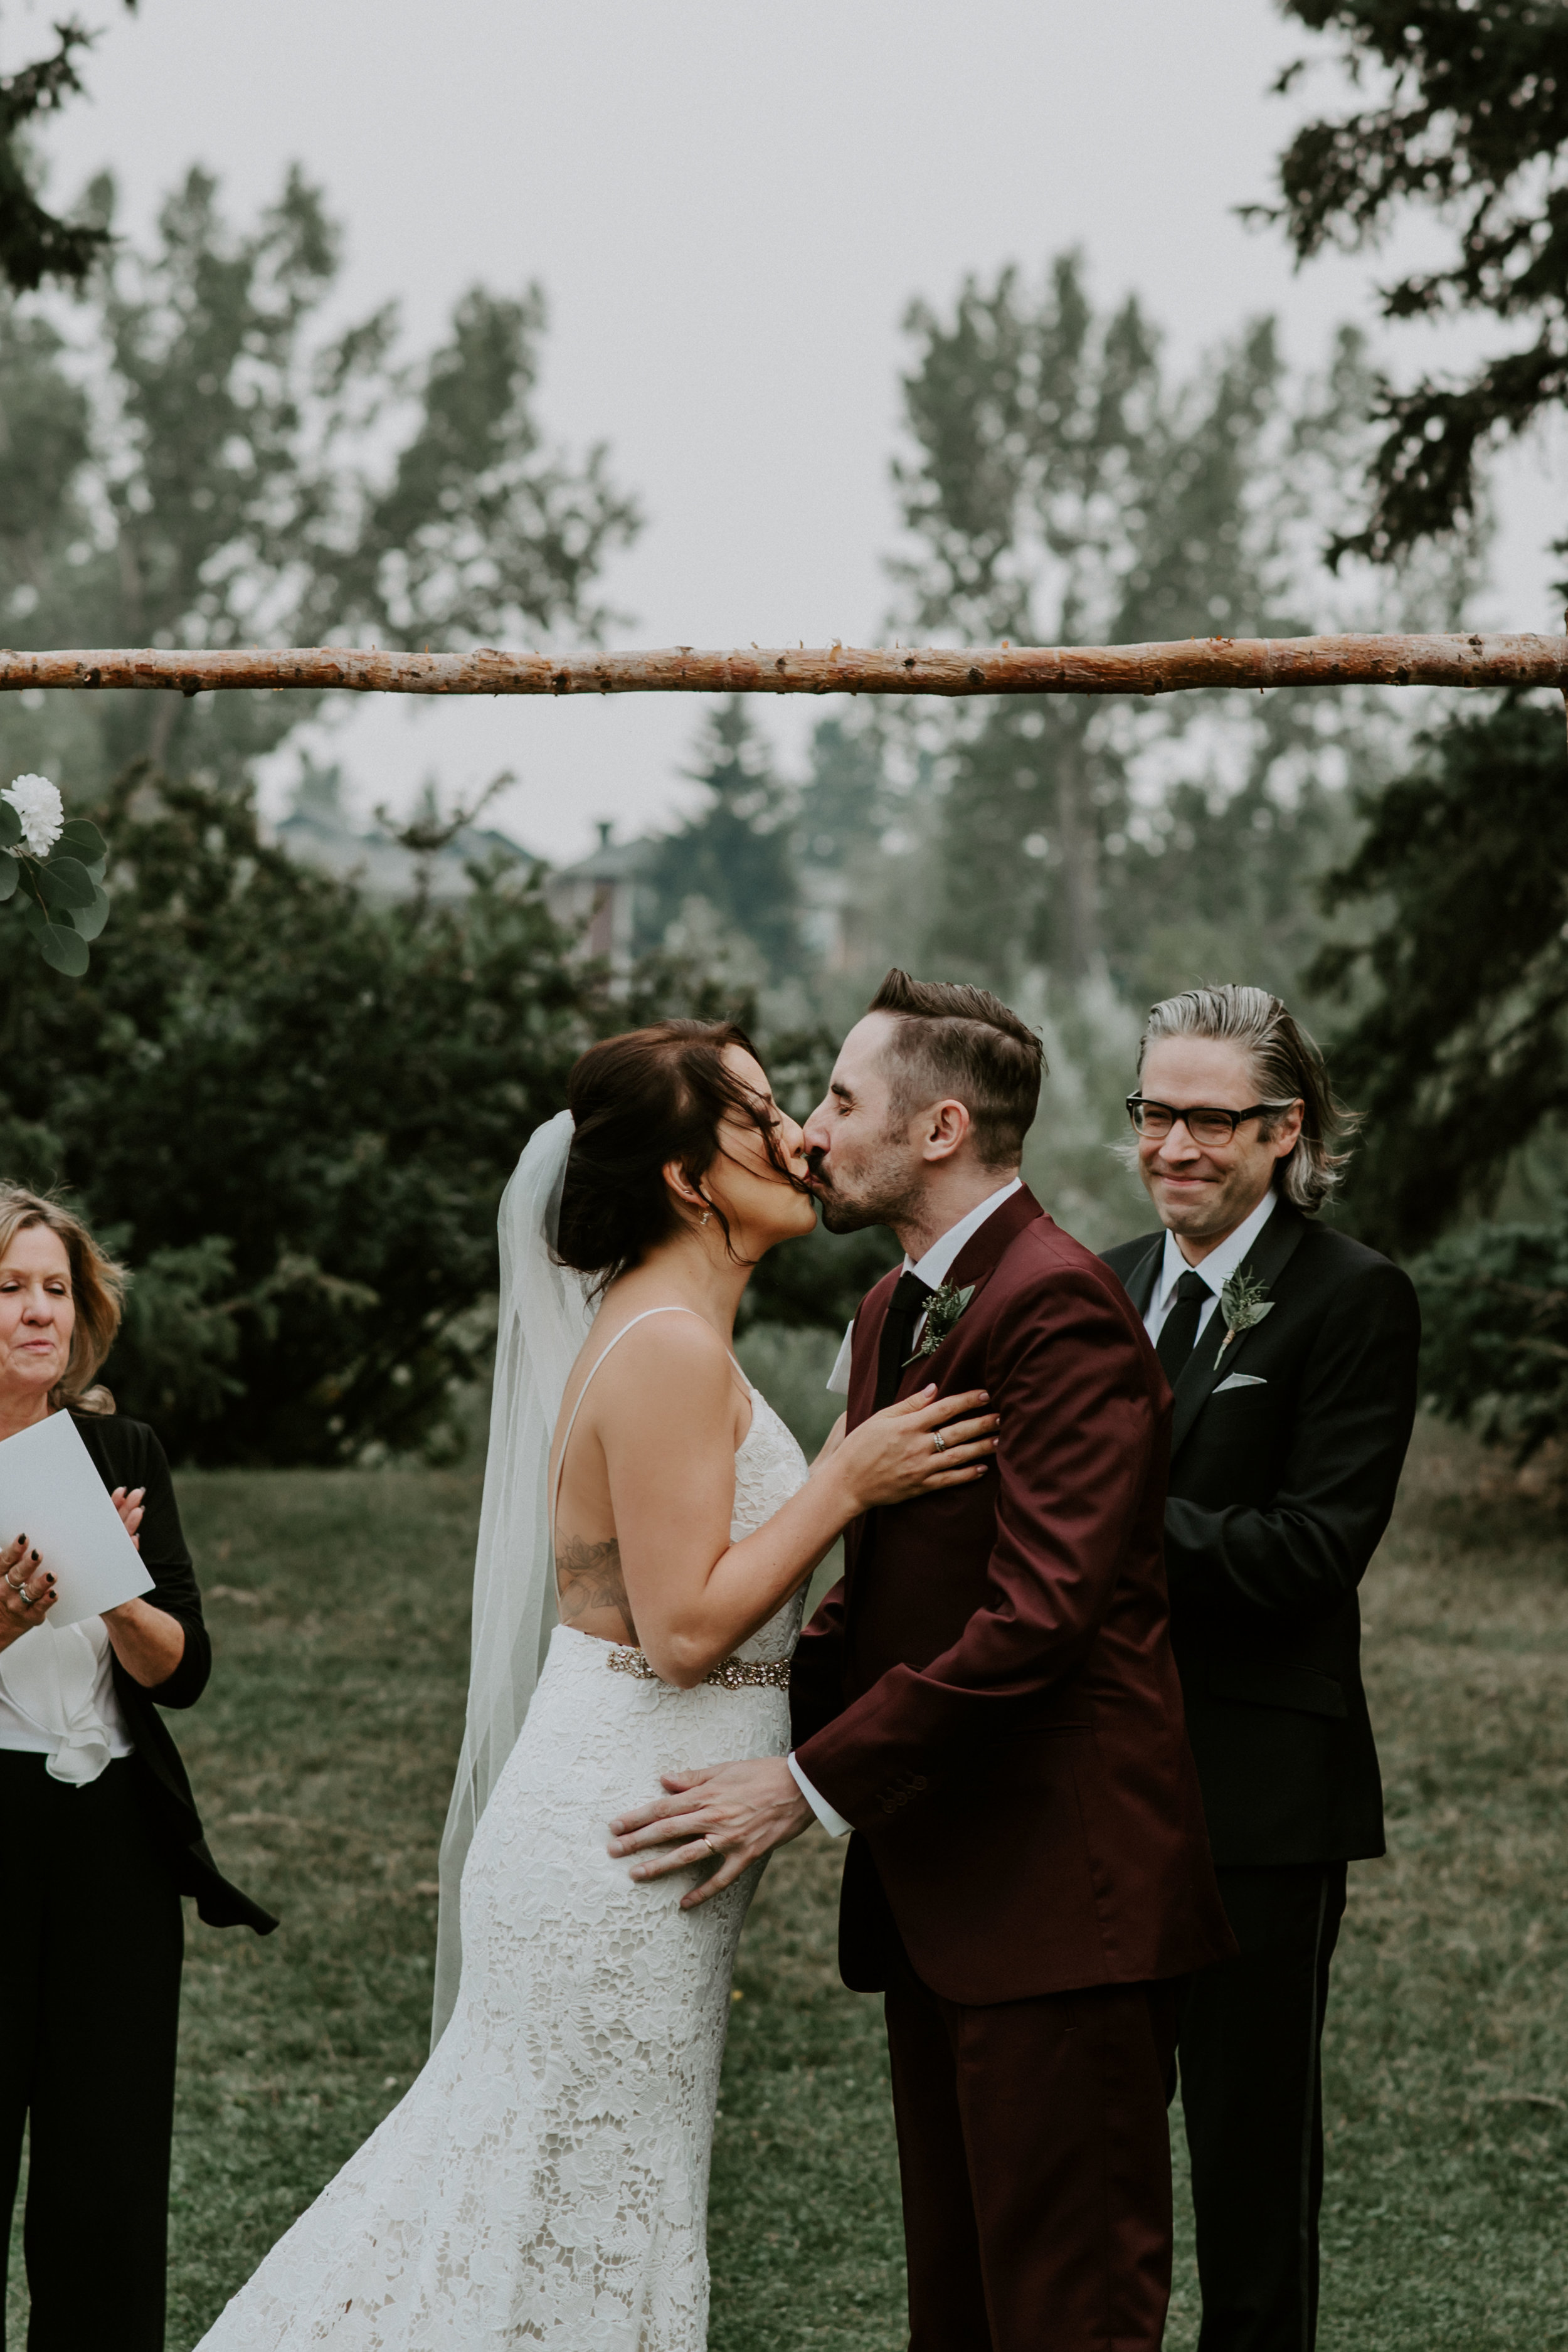 Calgary Wedding Photographer - 32 of 84.jpg